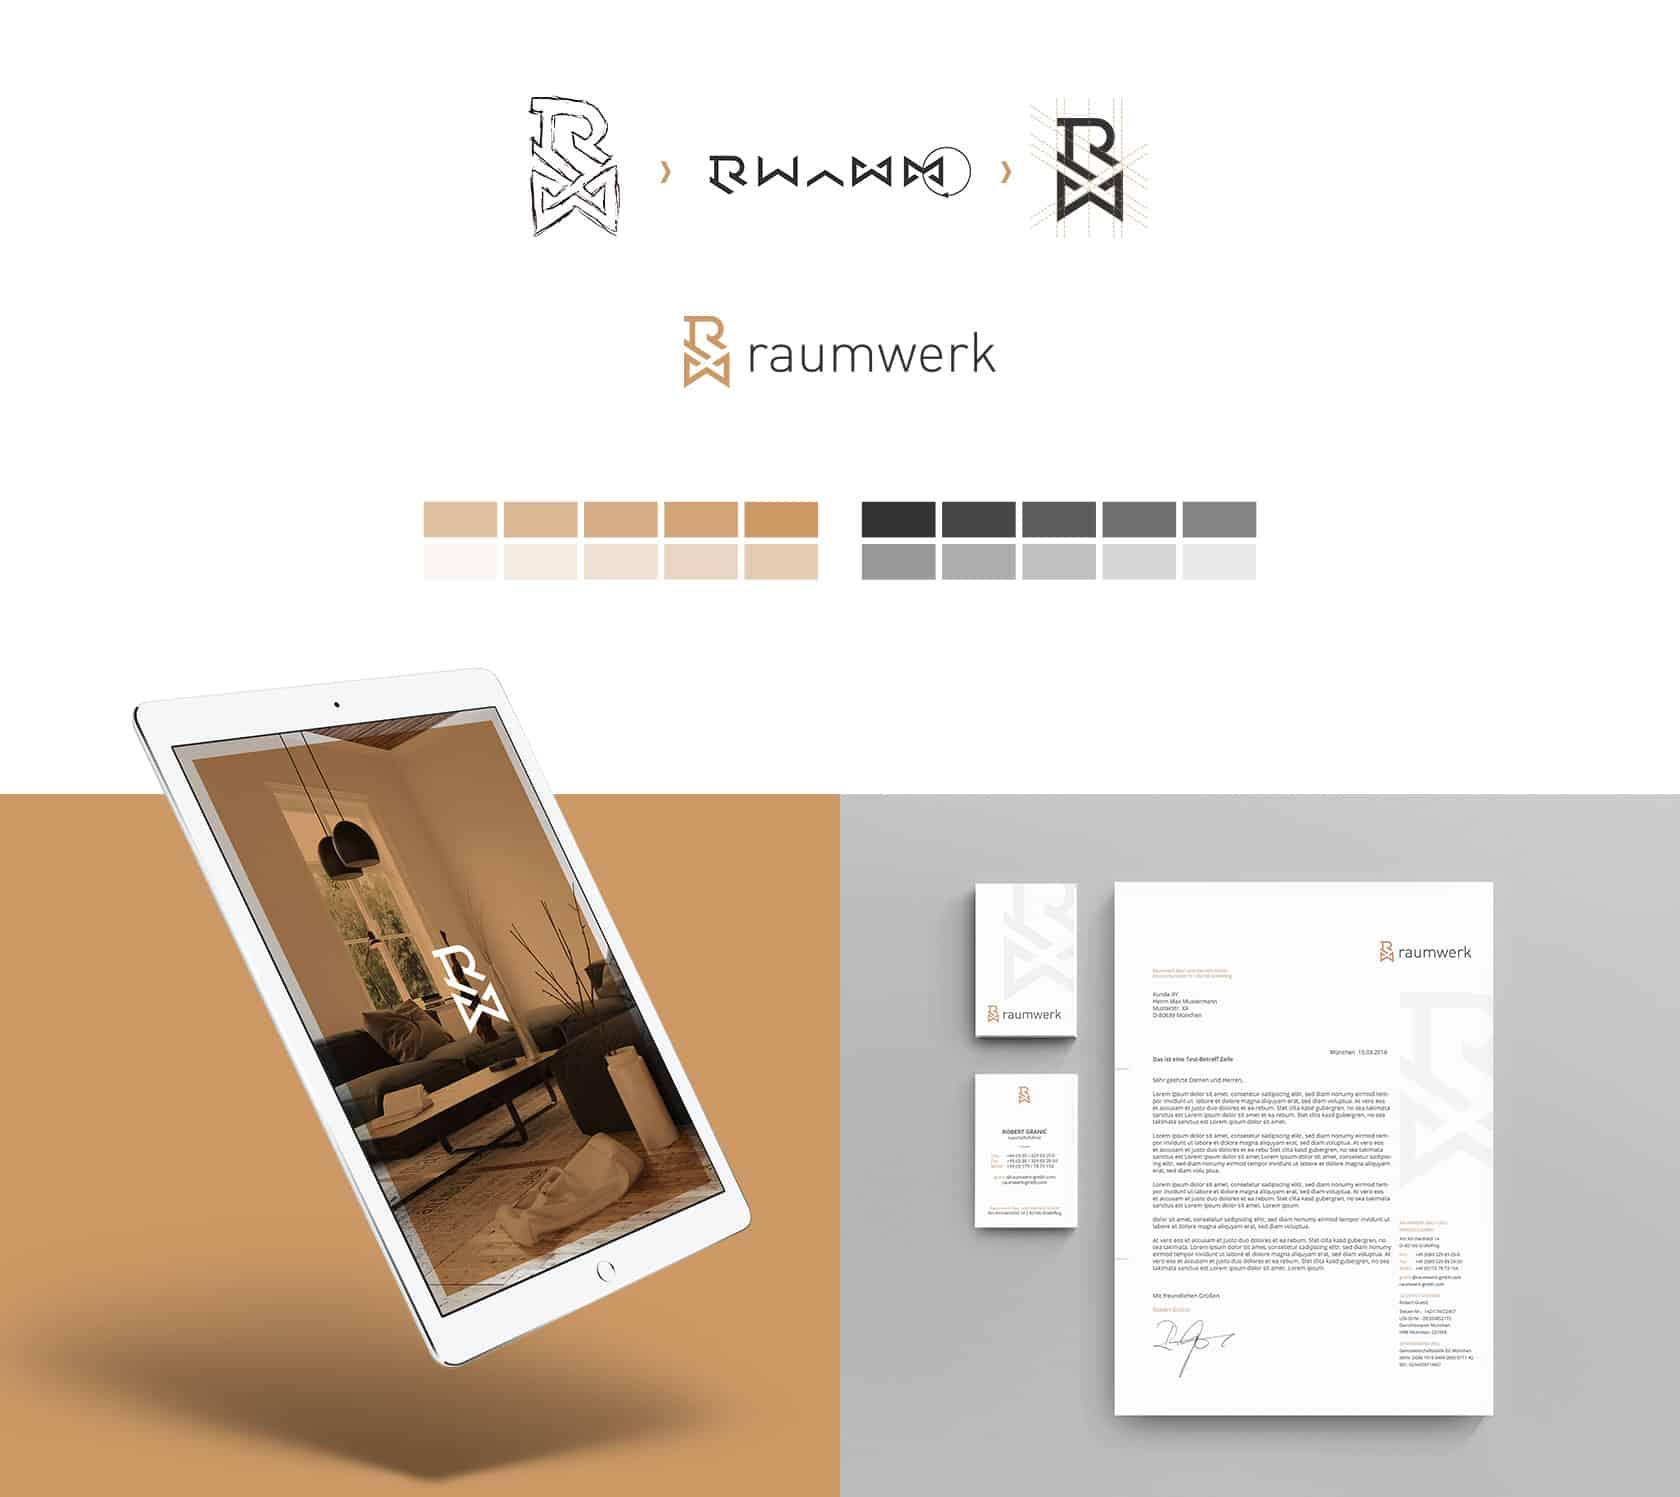 EAZEE Werbeagentur Muenchen Geschaeftsausstattung Logodesign und Tablet Vorschau